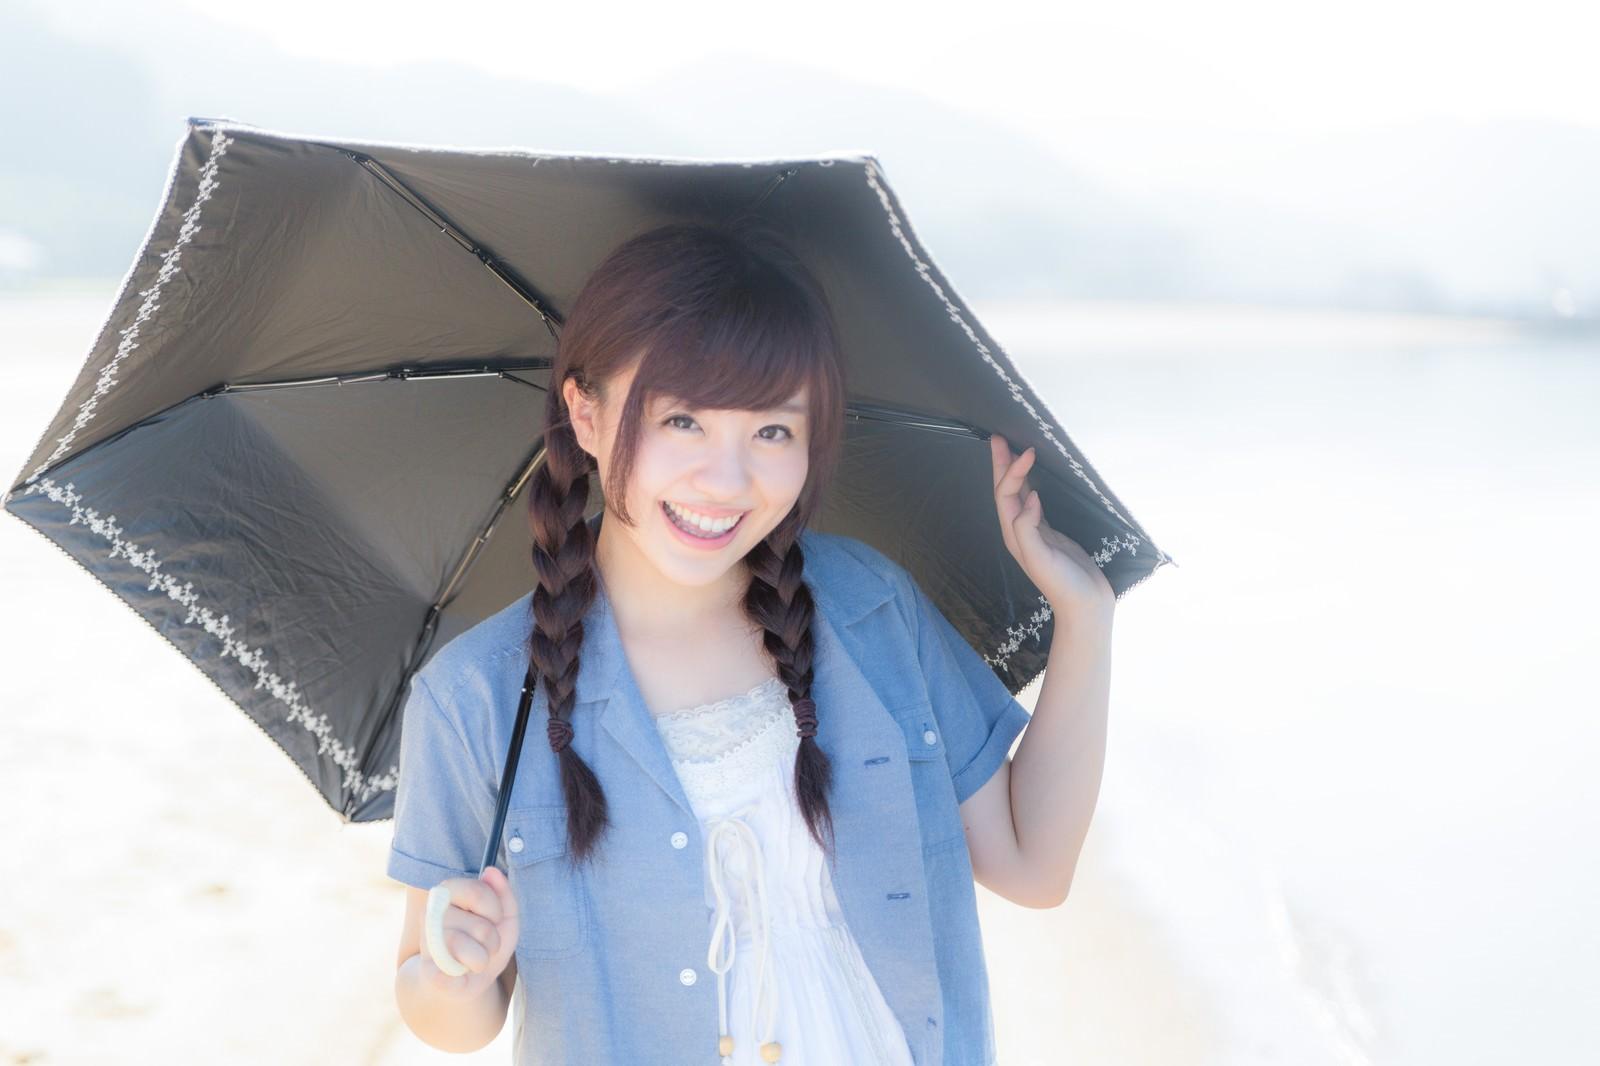 「日傘とおさげの女性日傘とおさげの女性」[モデル:河村友歌]のフリー写真素材を拡大